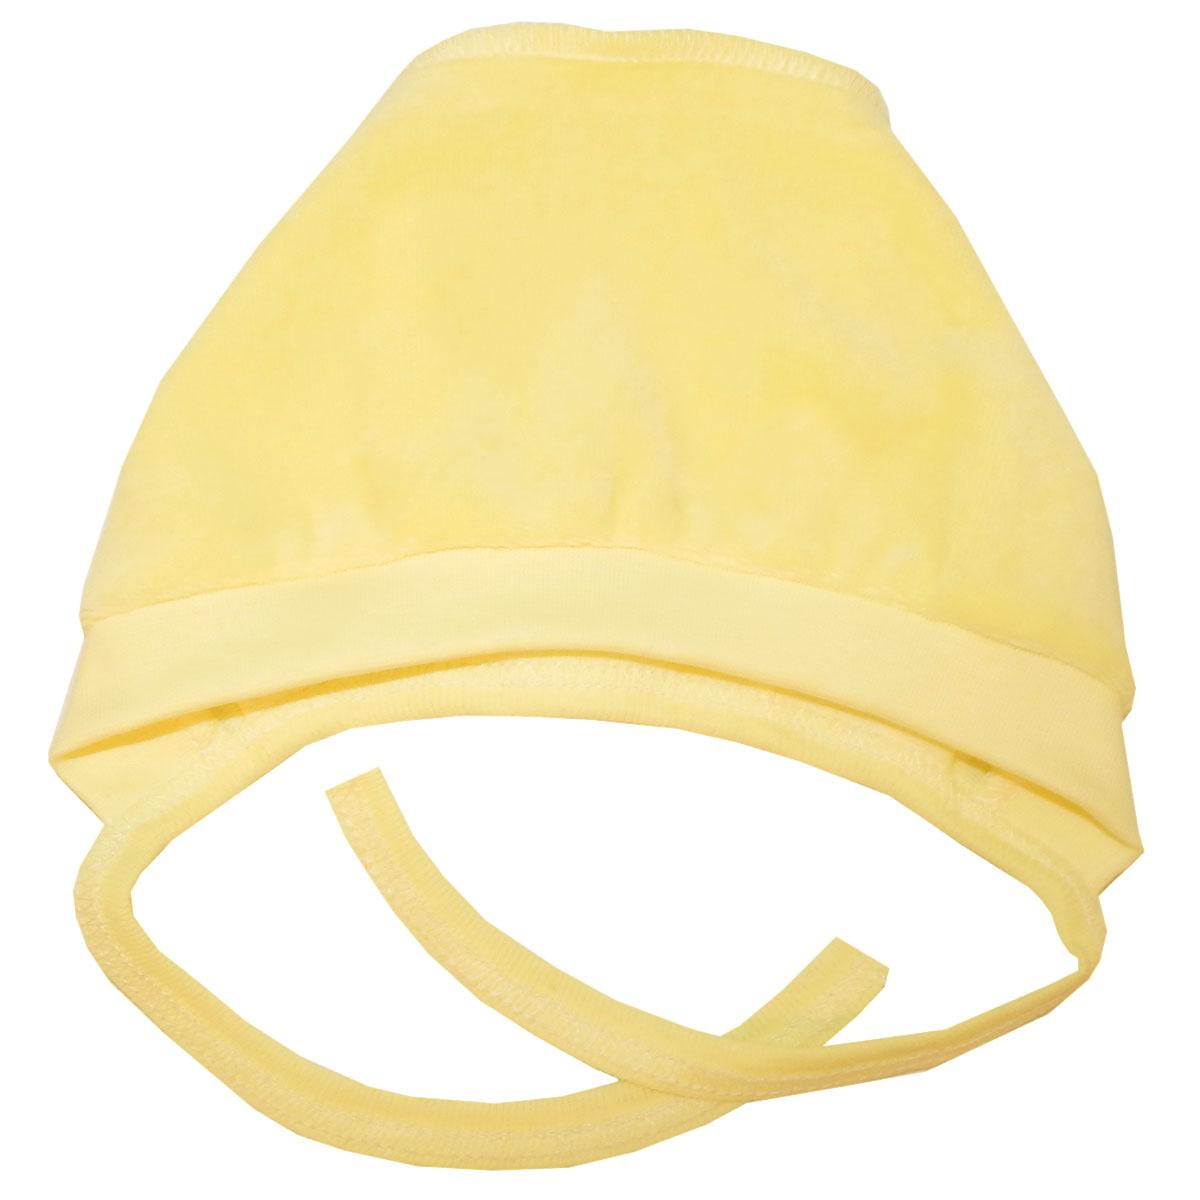 Чепчик Папитто желтый однотонный р.48 И53 123